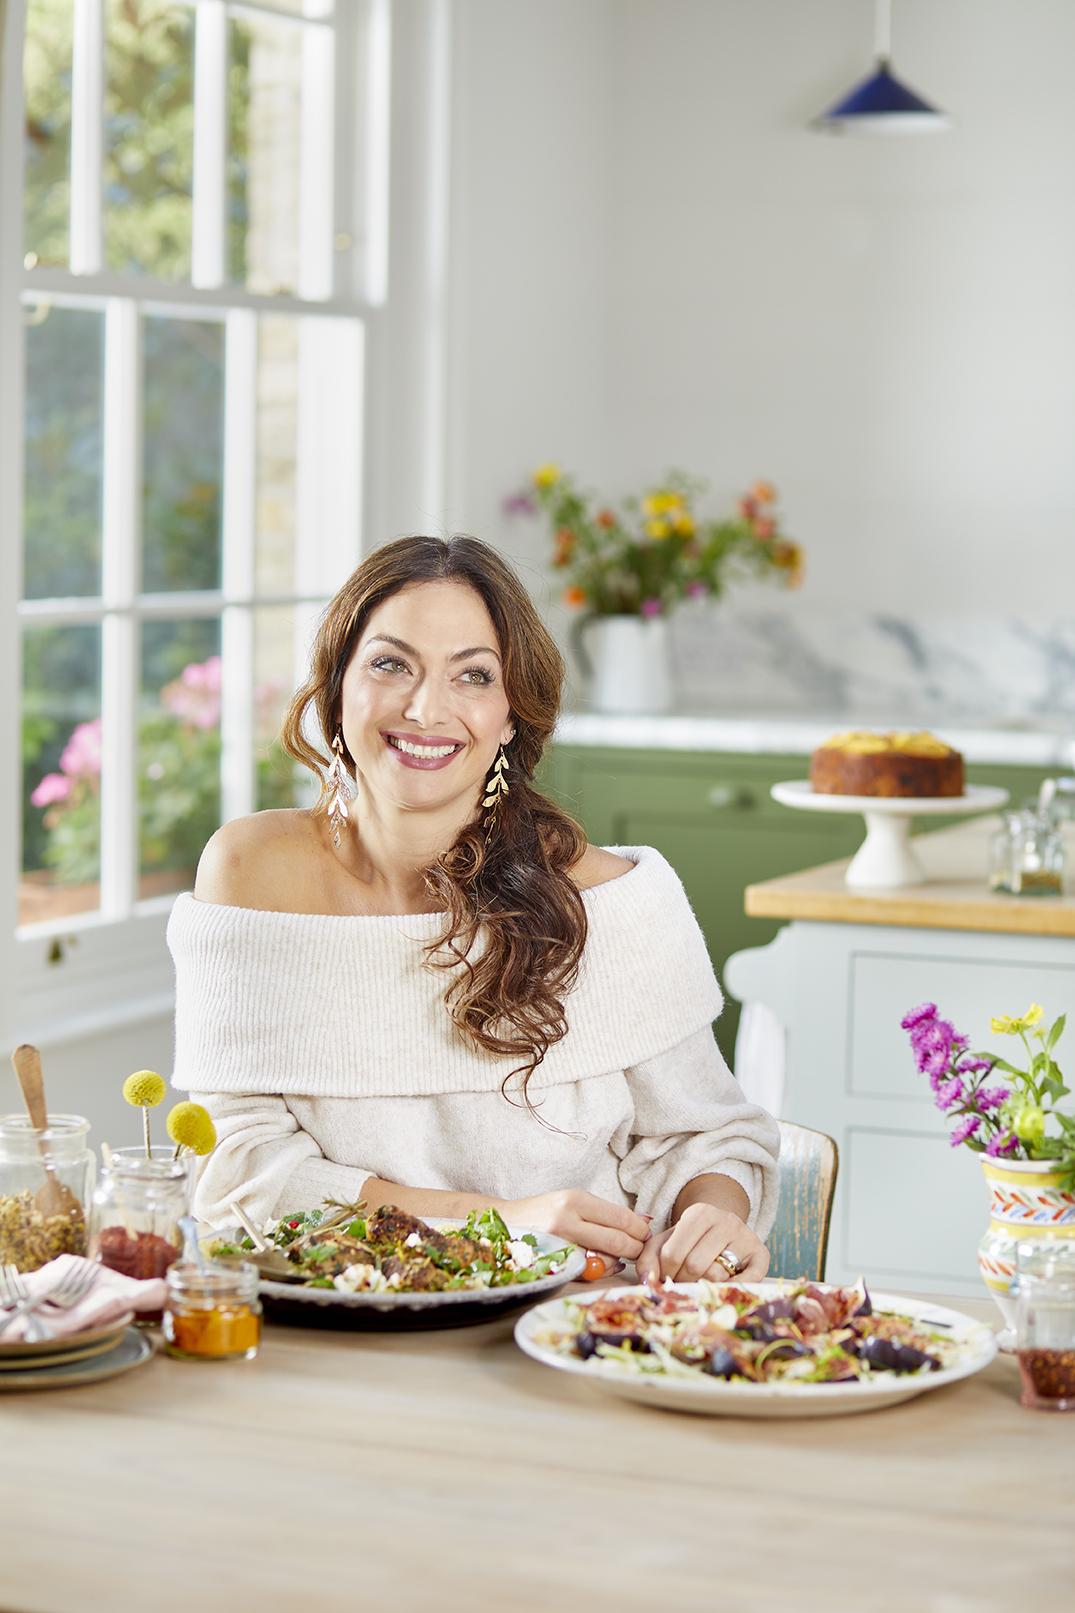 The Secret of Spice by Tonia Buxton  Lagom Publishing  Photo: Andrew Burton  Food Styling: Jaswinder Jhalli